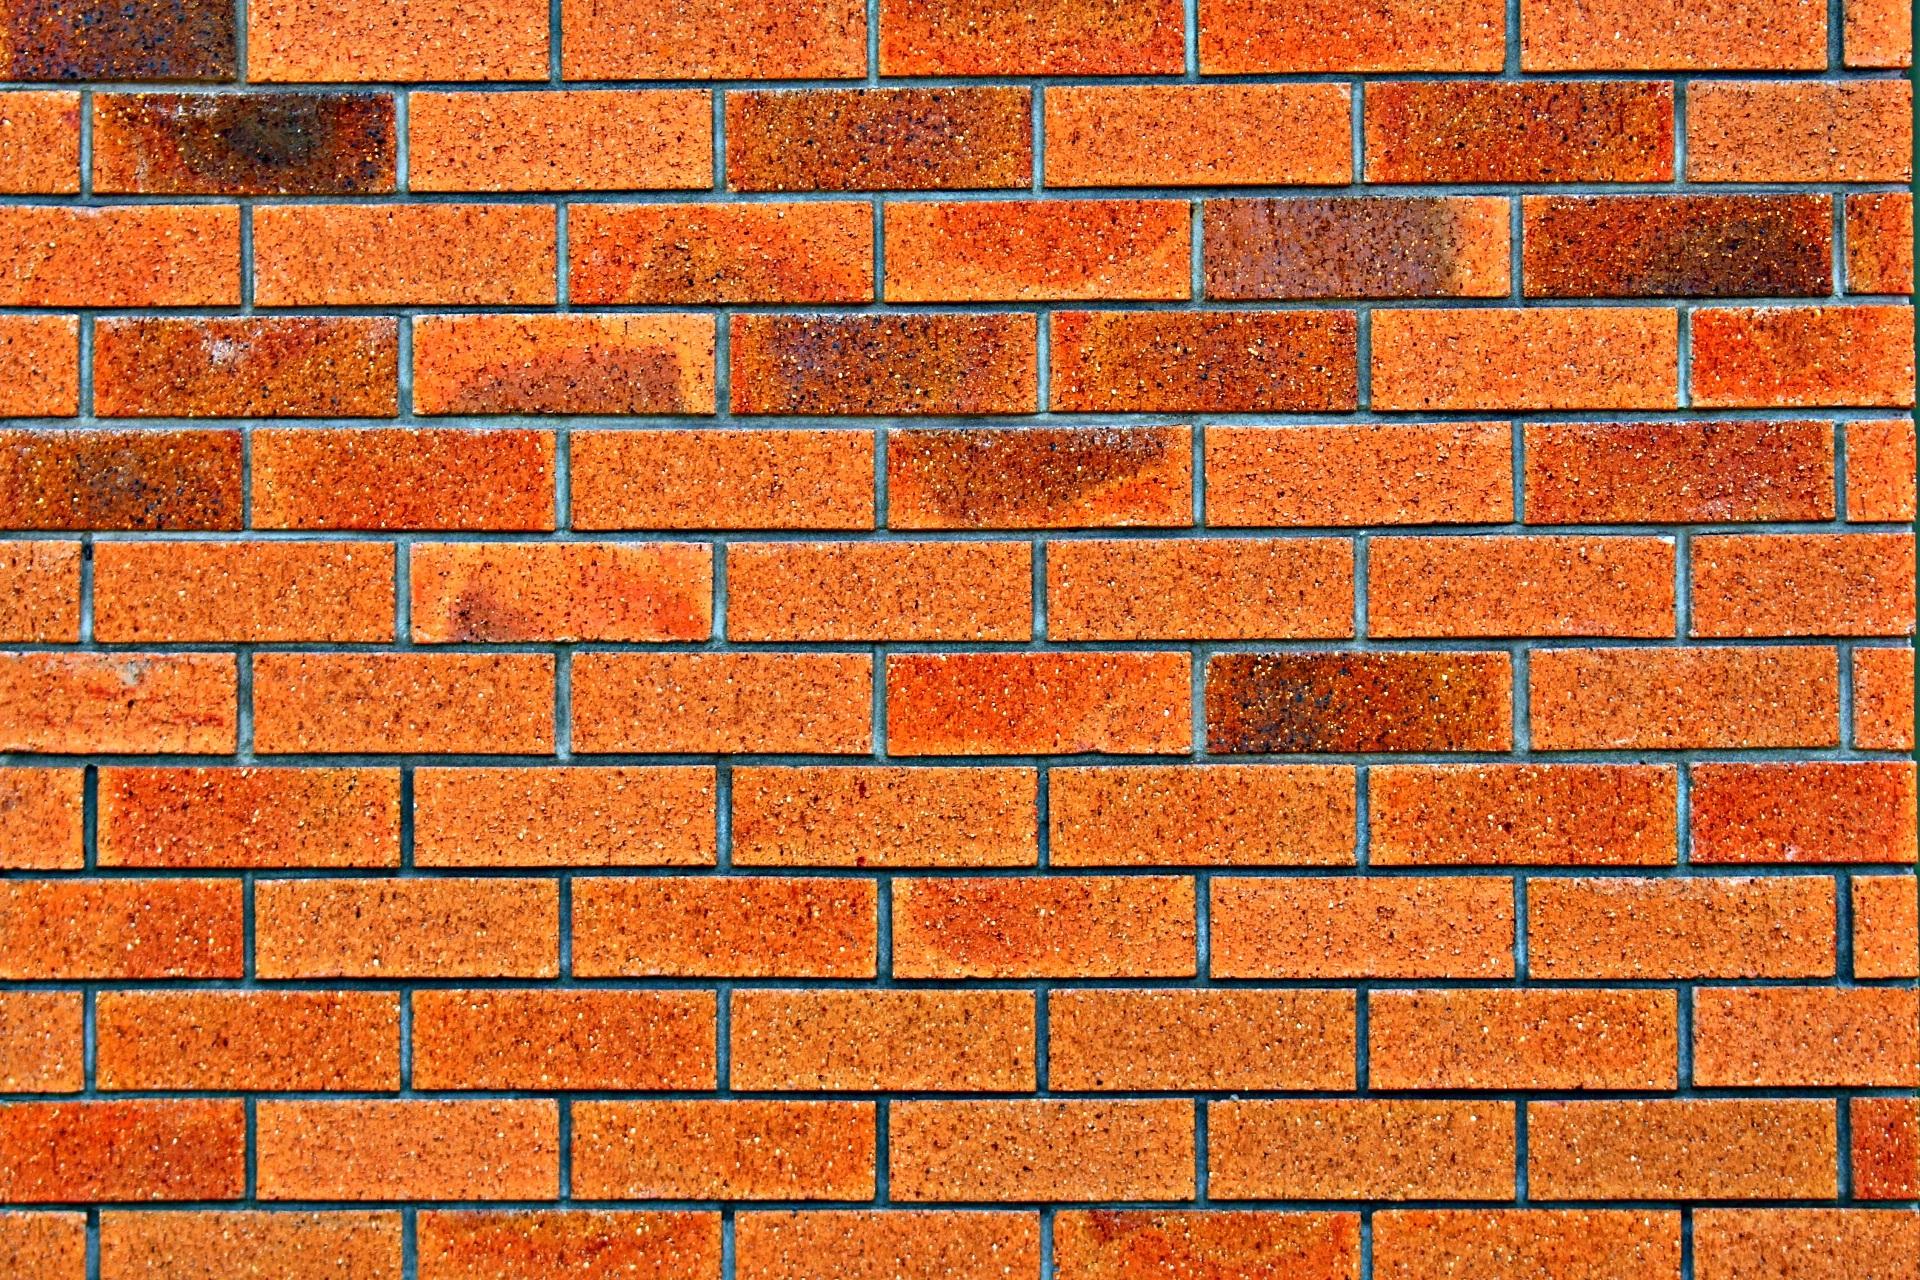 Free images architecture floor building orange red - Fachadas de ladrillo visto ...